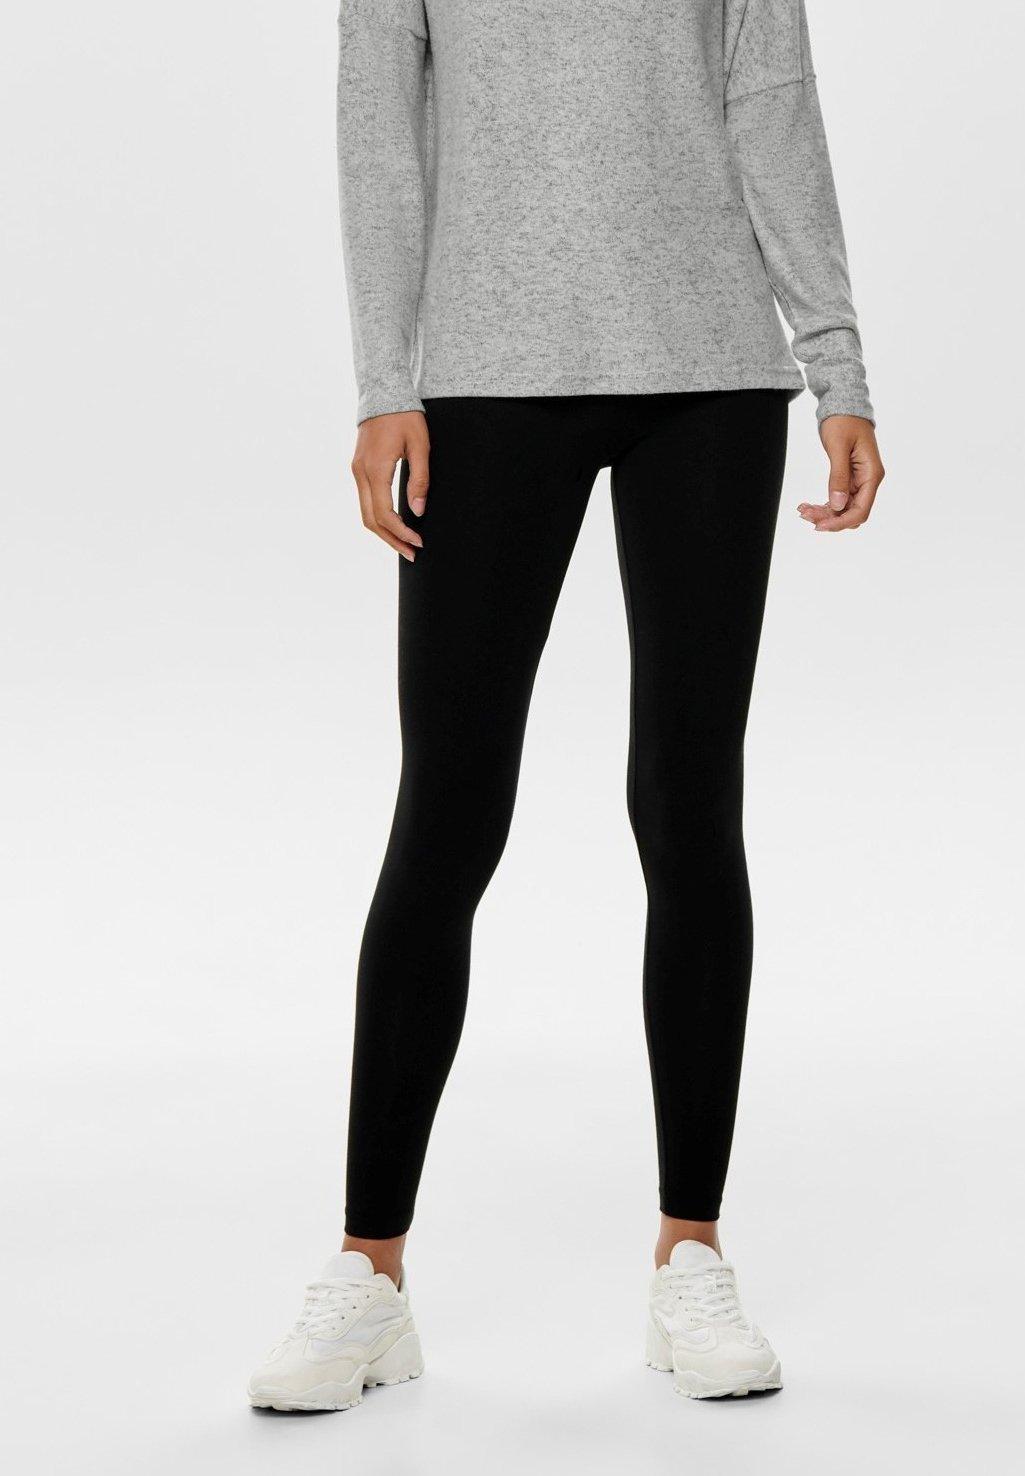 Damen 3 PACK  - Leggings - Hosen